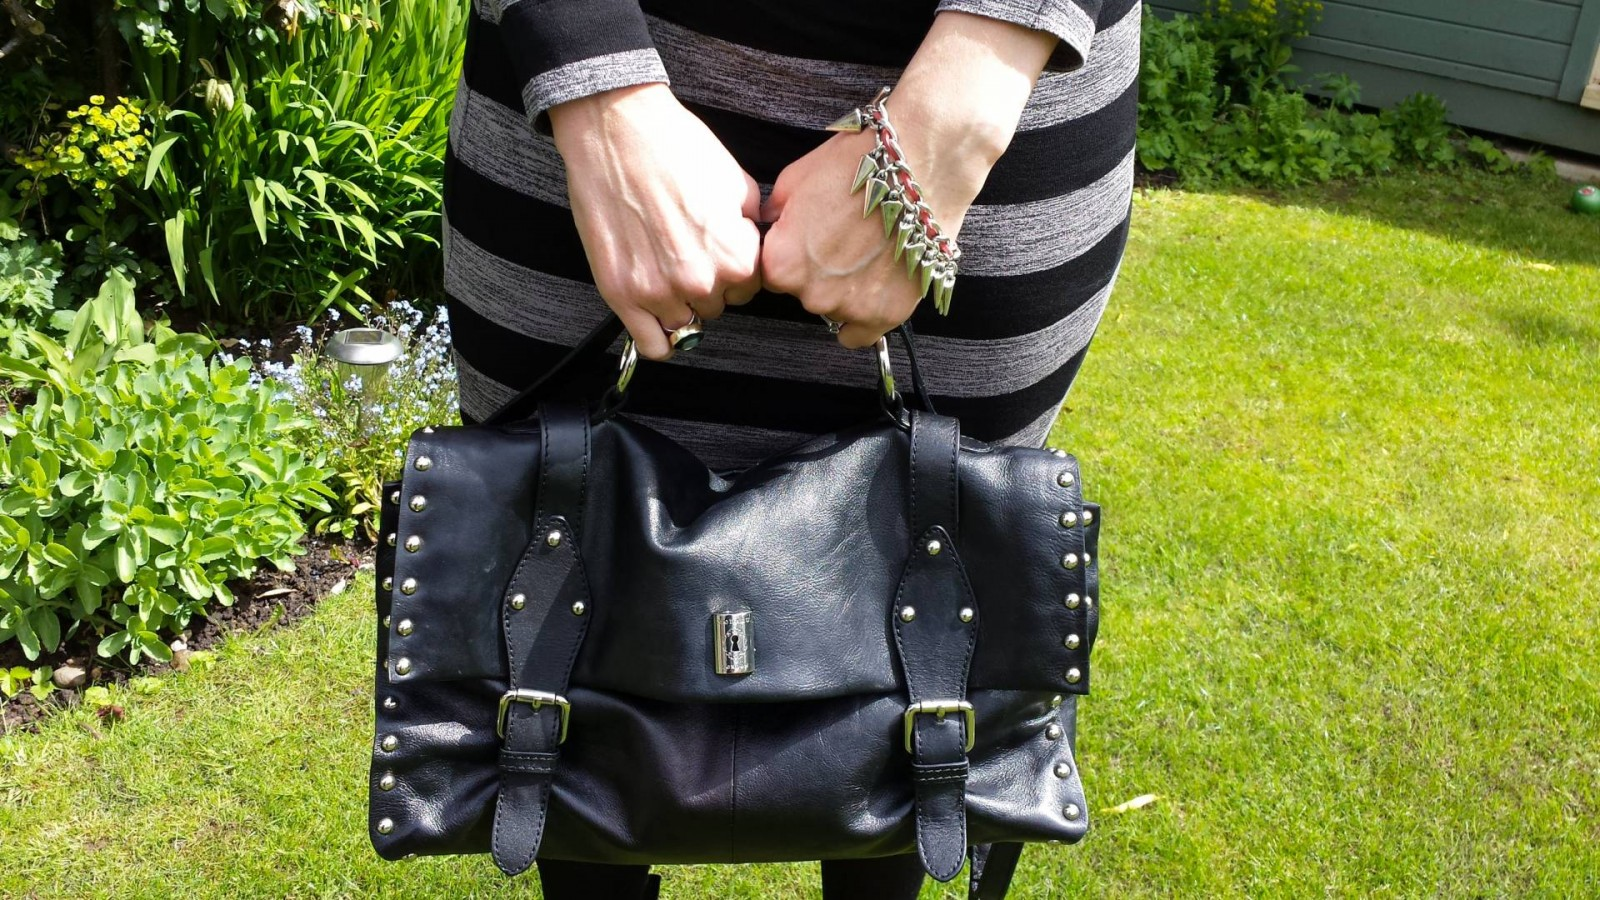 Modalu satchel